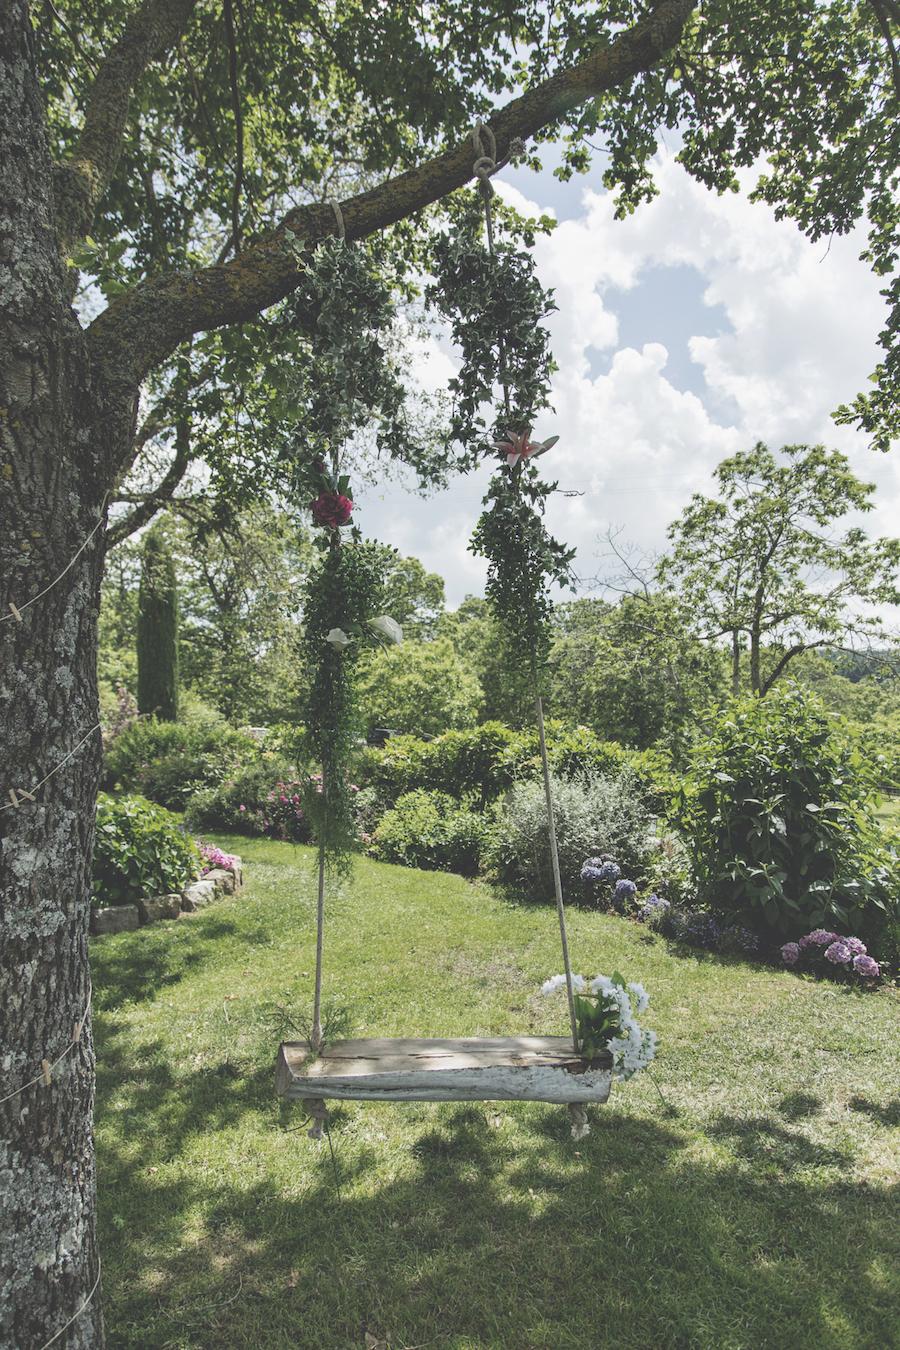 matrimonio-bohemien-allaperto-patch-wedding-wedding-wonderland-23